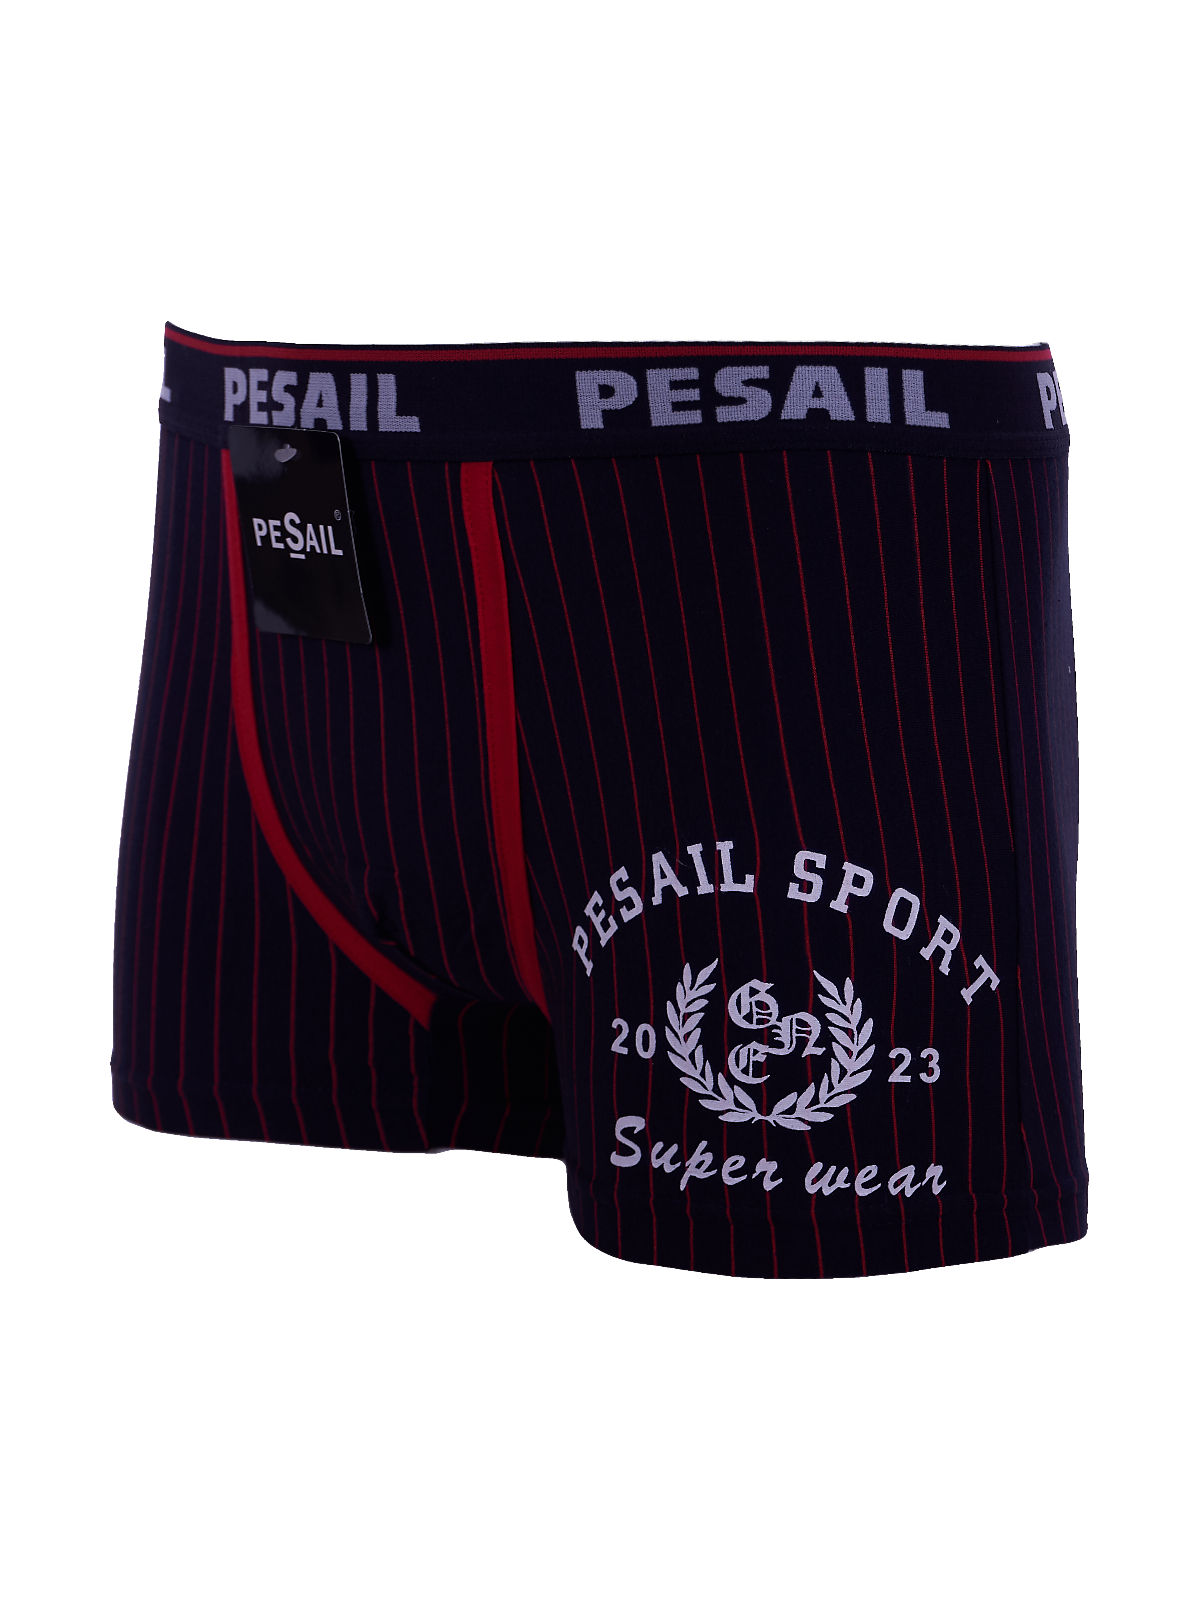 Pesail Herren Boxershorts Baumwolle Unterhose GW86325 Unterwäsche M-L-XL-XXL-3XL